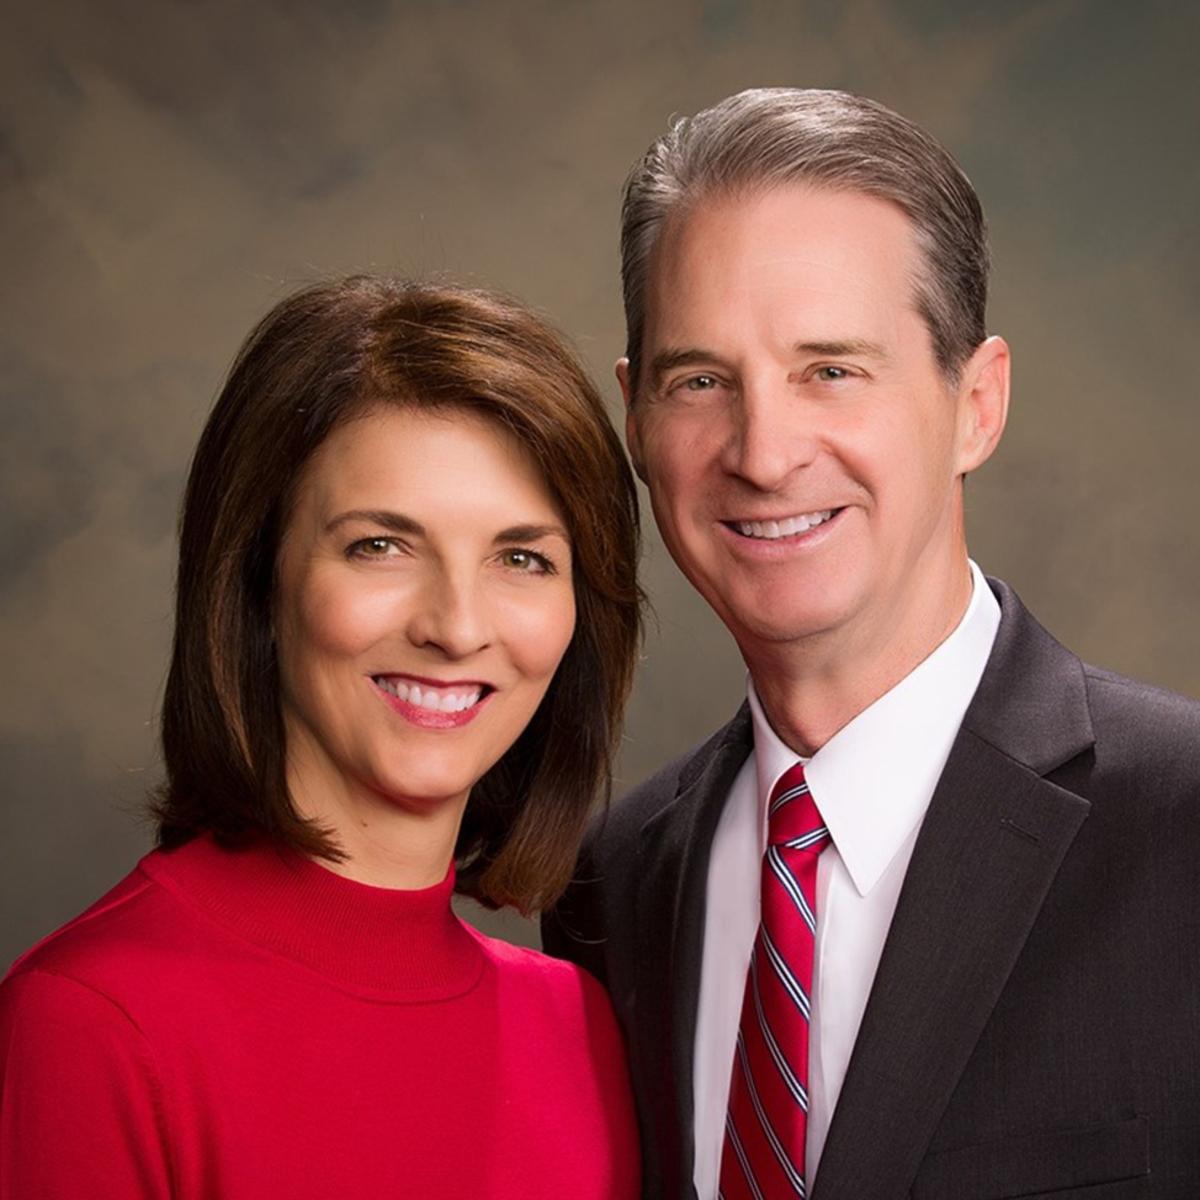 El Presidente Stanford y su esposa de la Misión Bolivia Santa Cruz